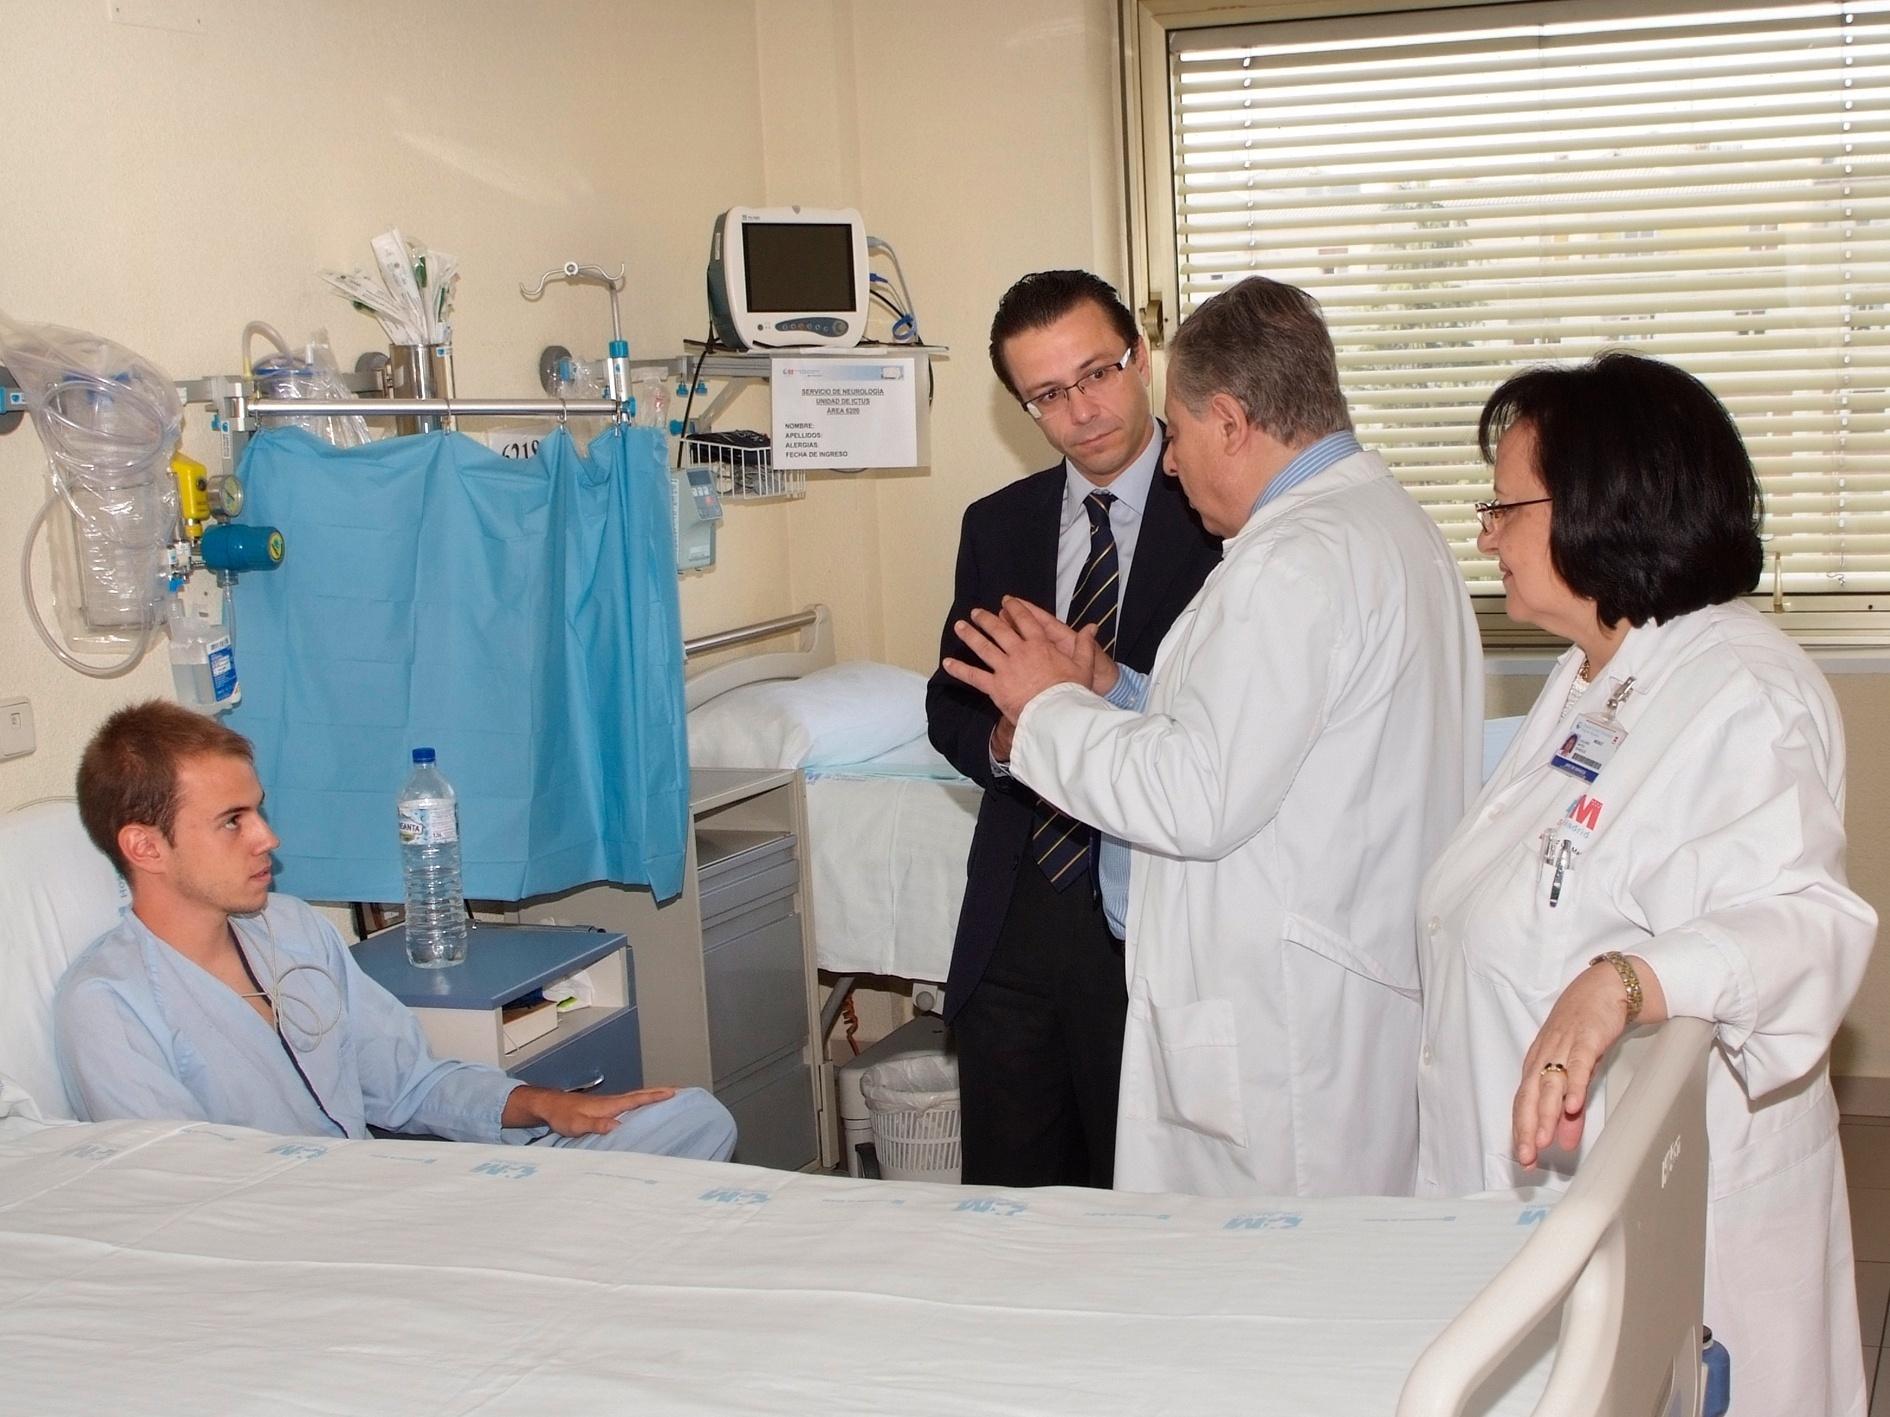 El Hospital Gregorio Marañón implanta dos sistemas de telemedicina pioneros en pediatría y en autismo